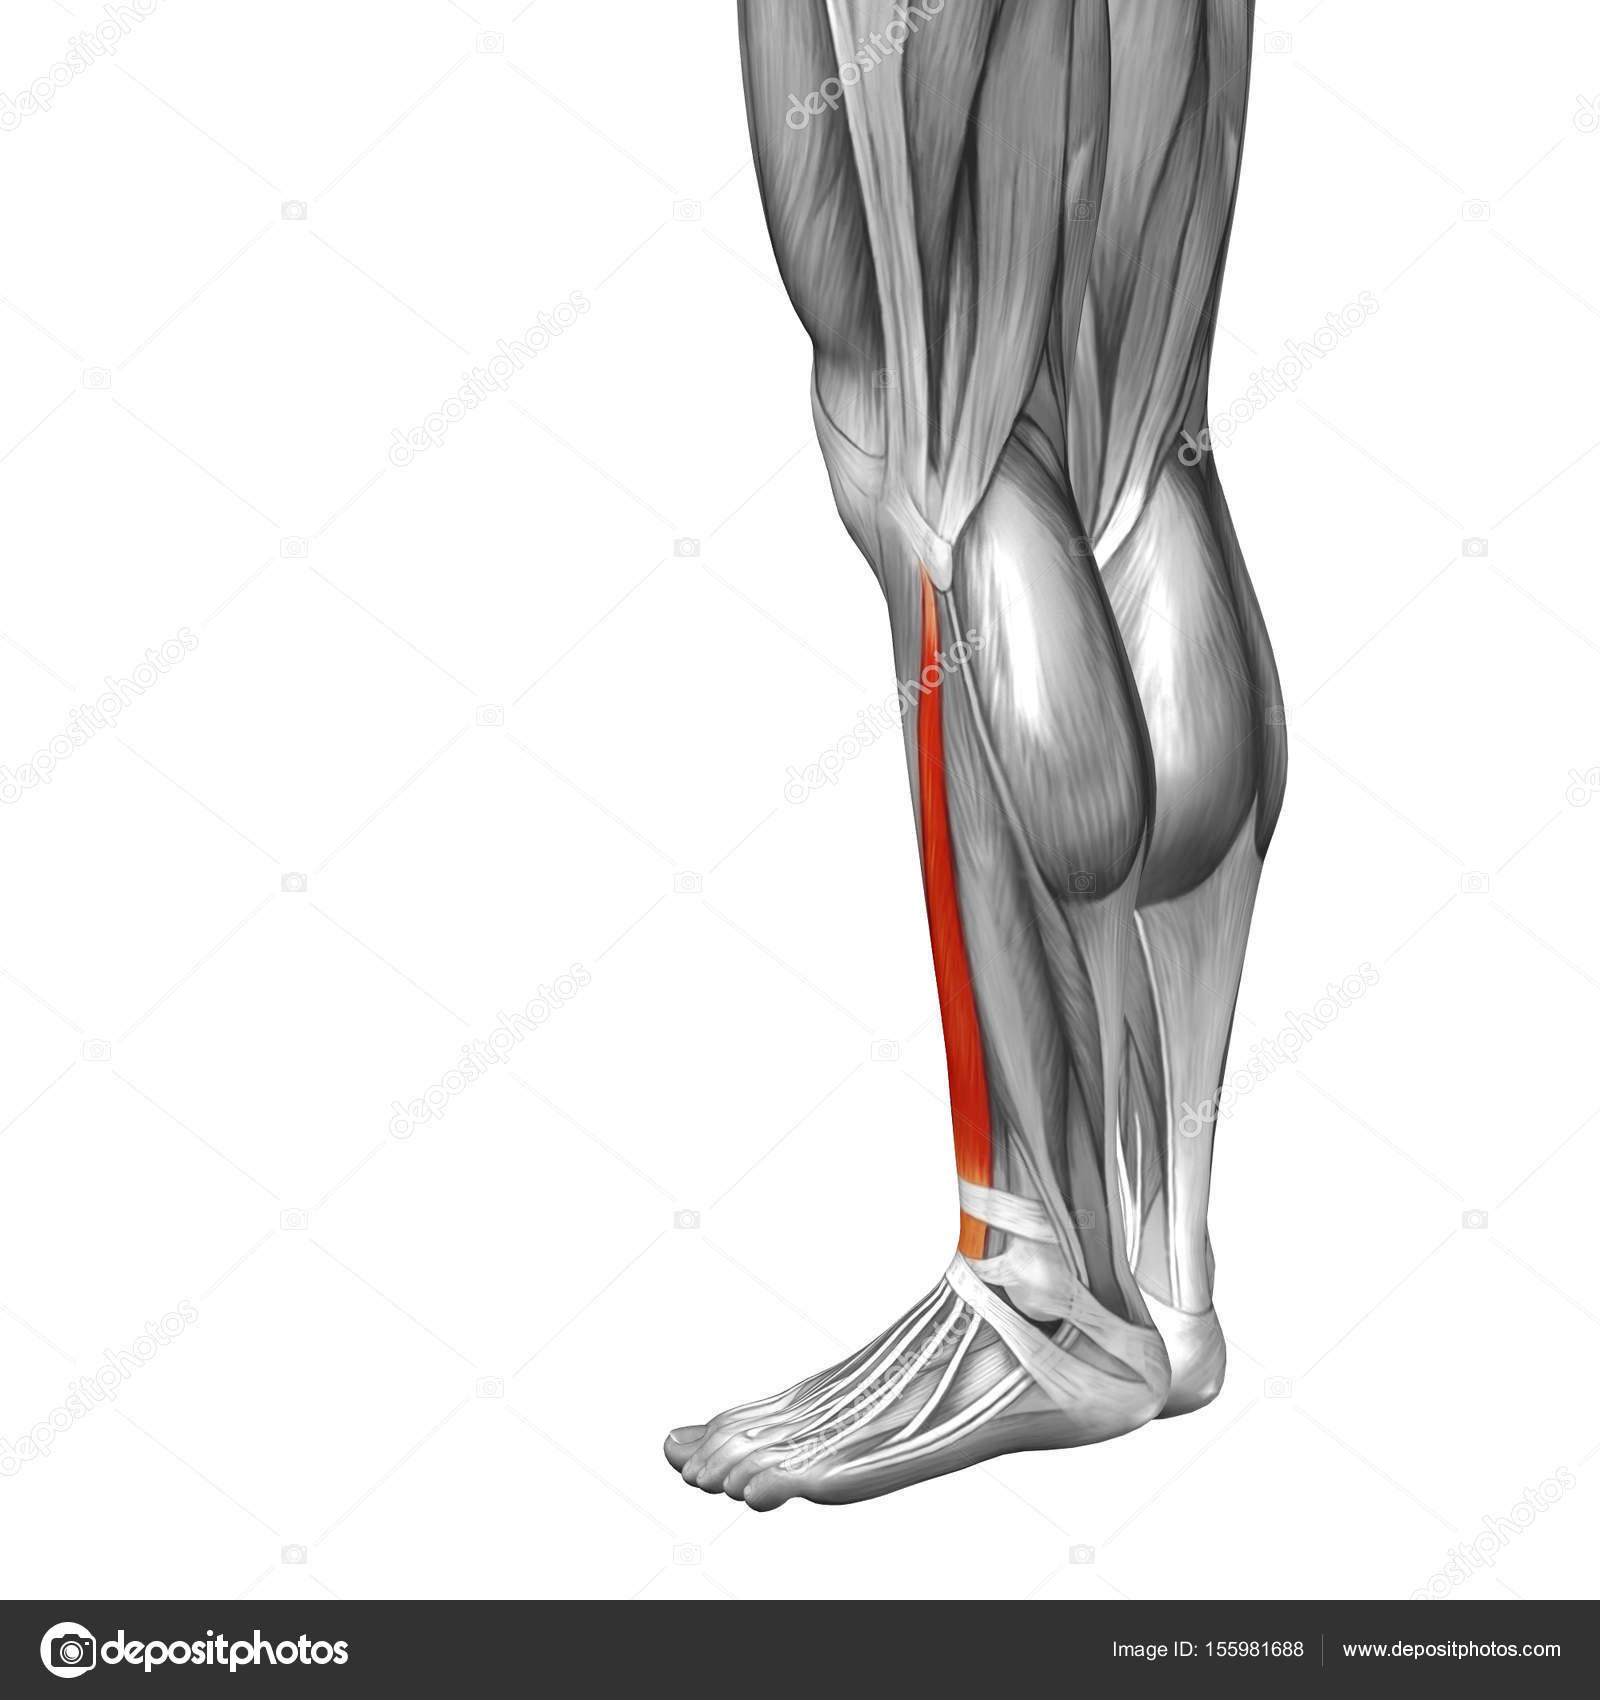 menschliche Anatomie oder anatomische und Muskel — Stockfoto ...